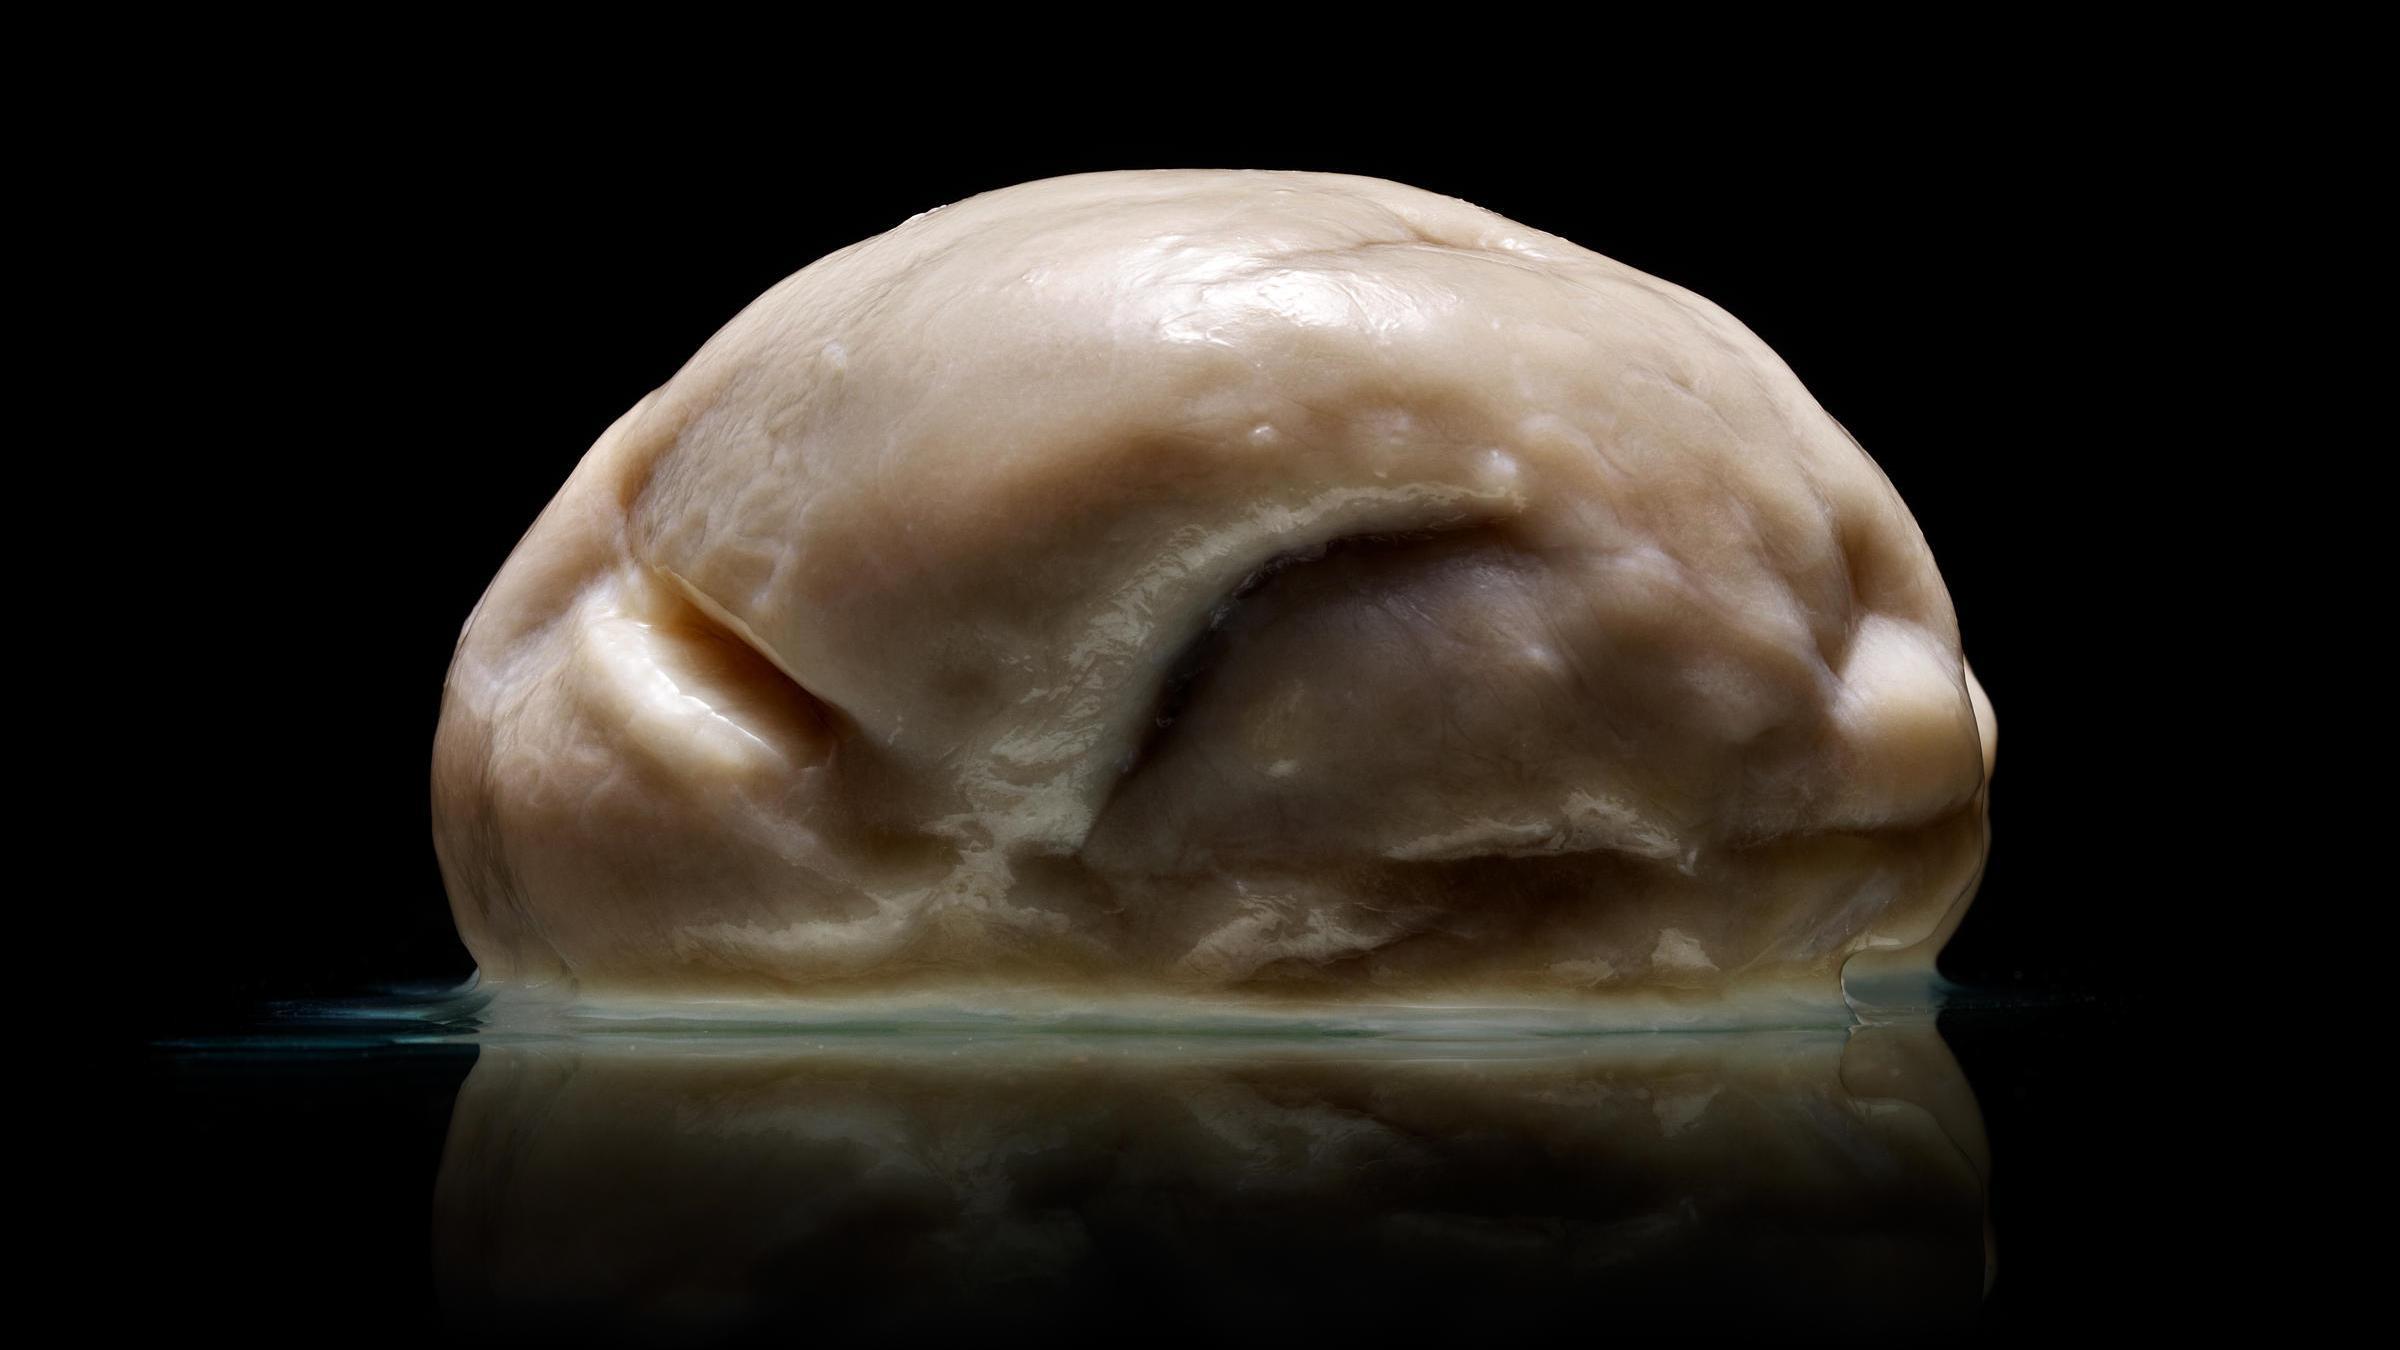 Найден новый ген, связанный с развитием «гладкого мозга»